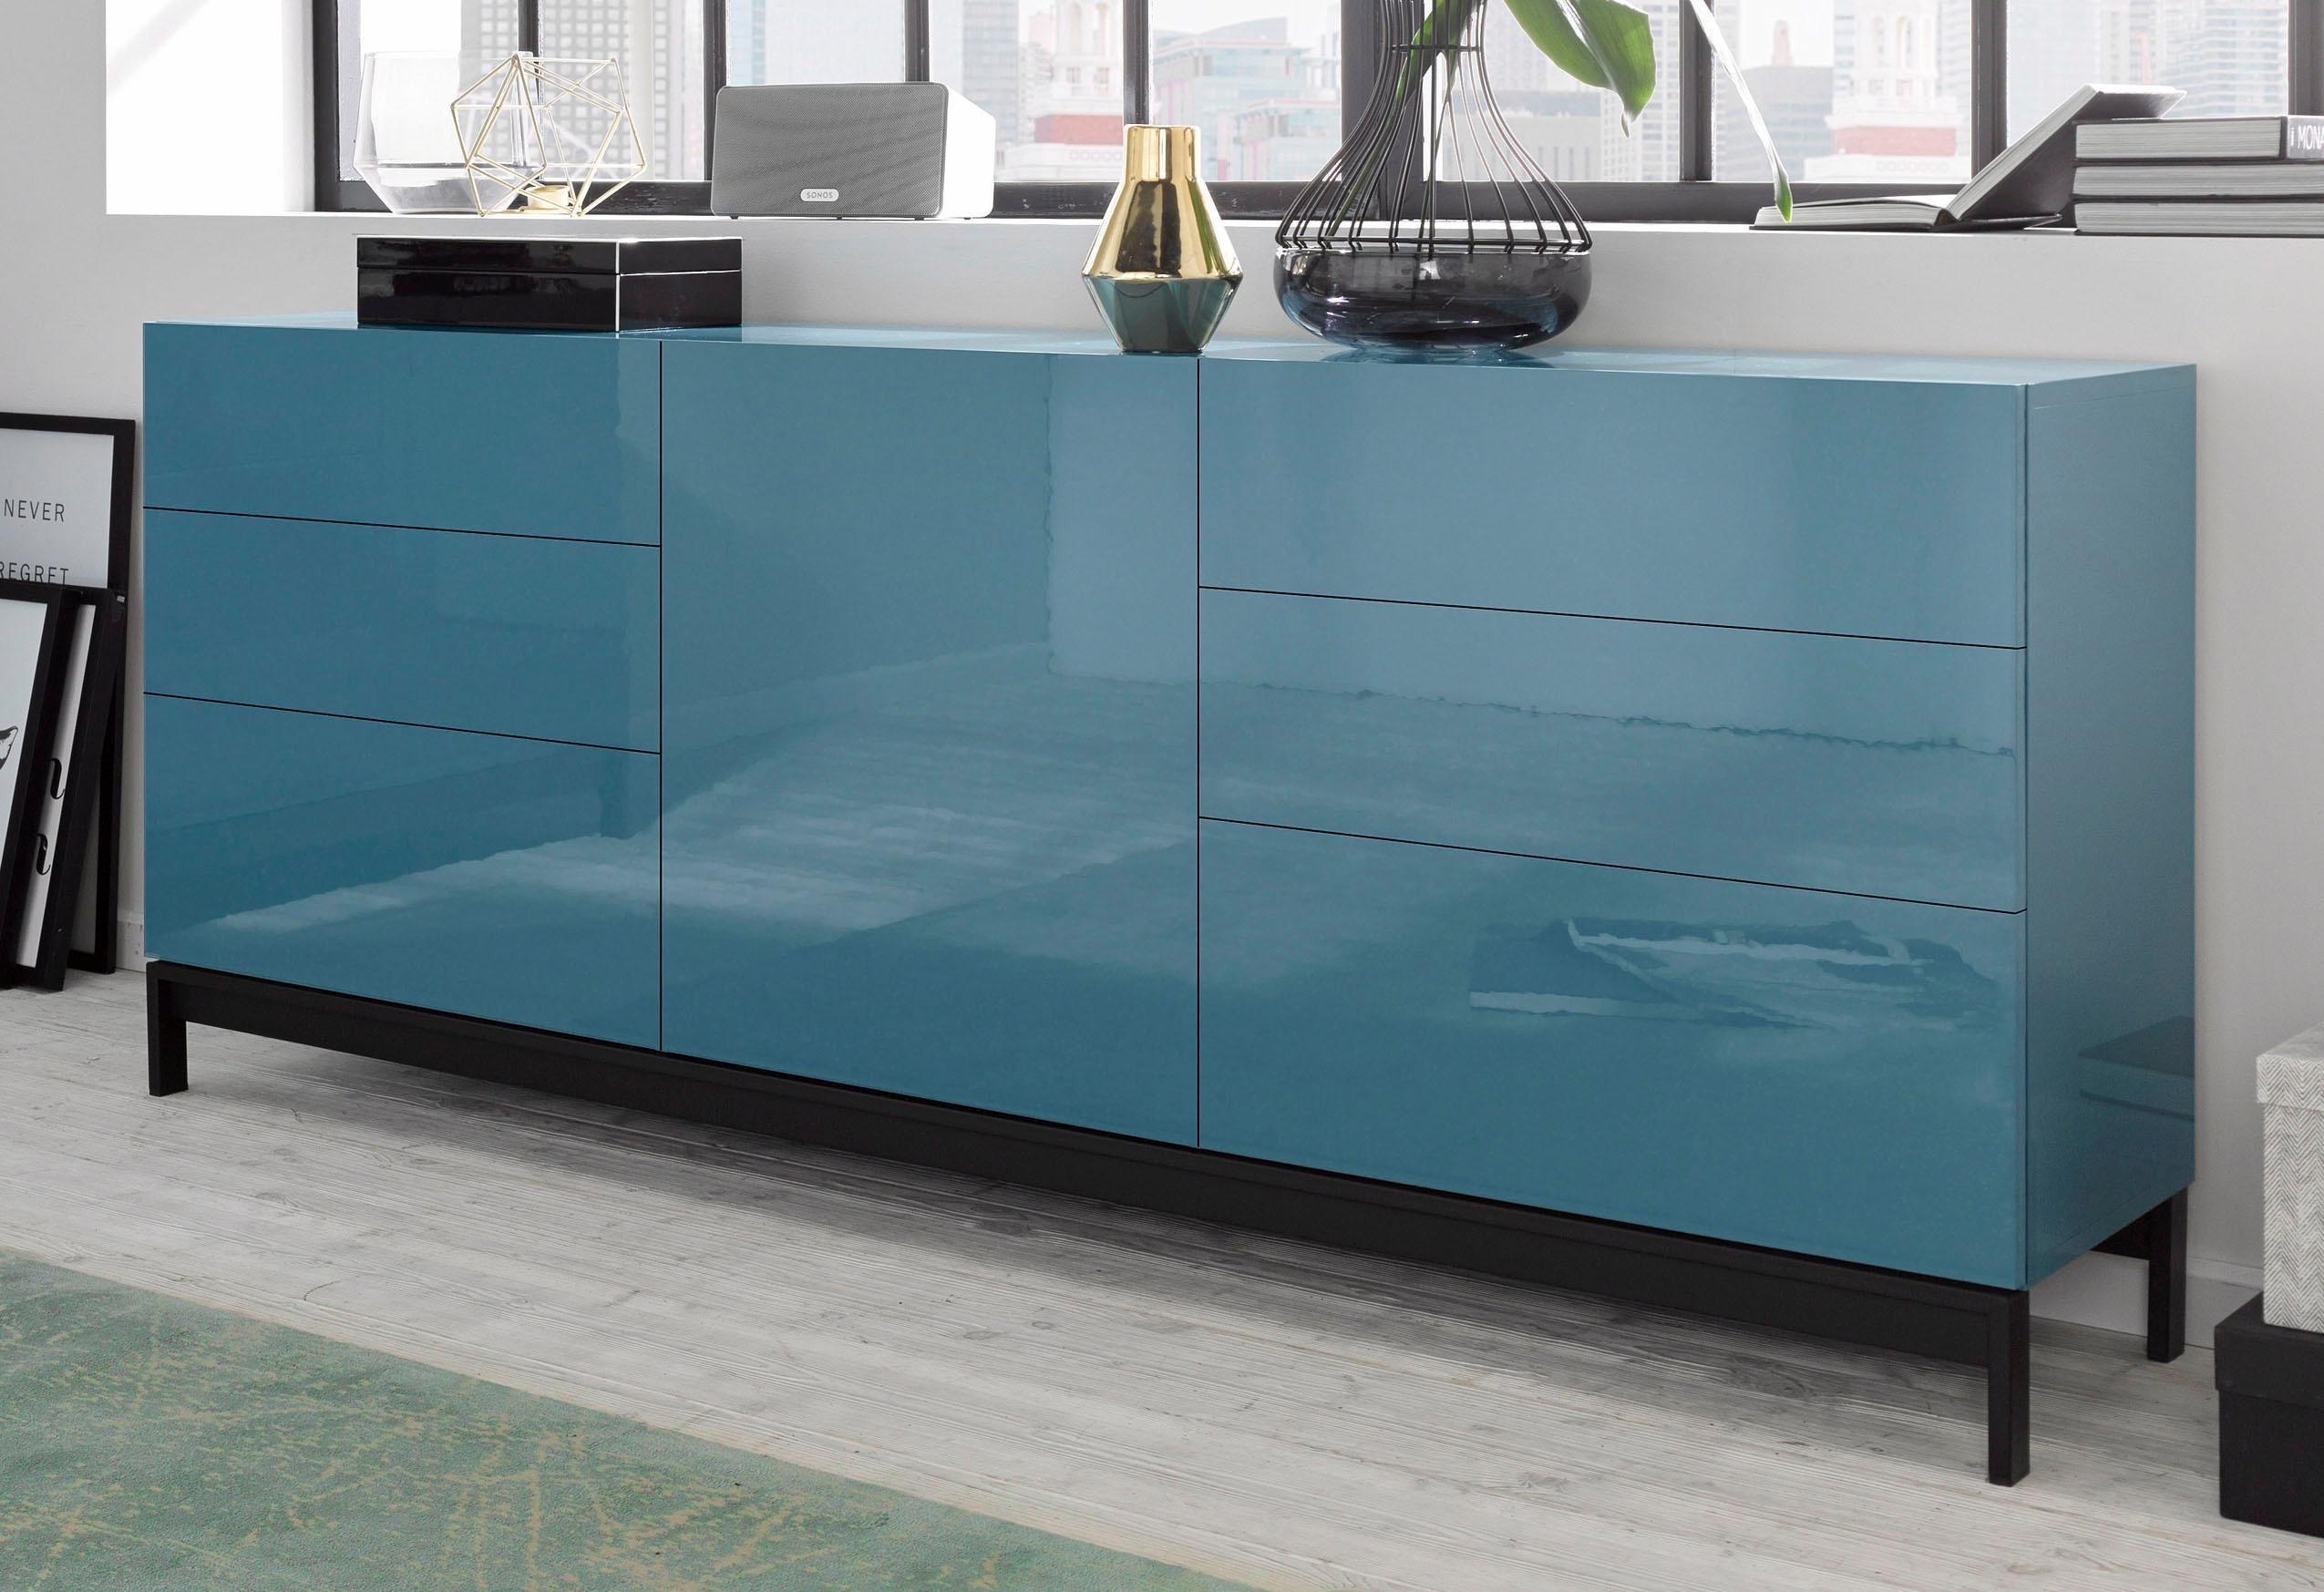 Hochglanz Sideboards online kaufen | Möbel-Suchmaschine | ladendirekt.de